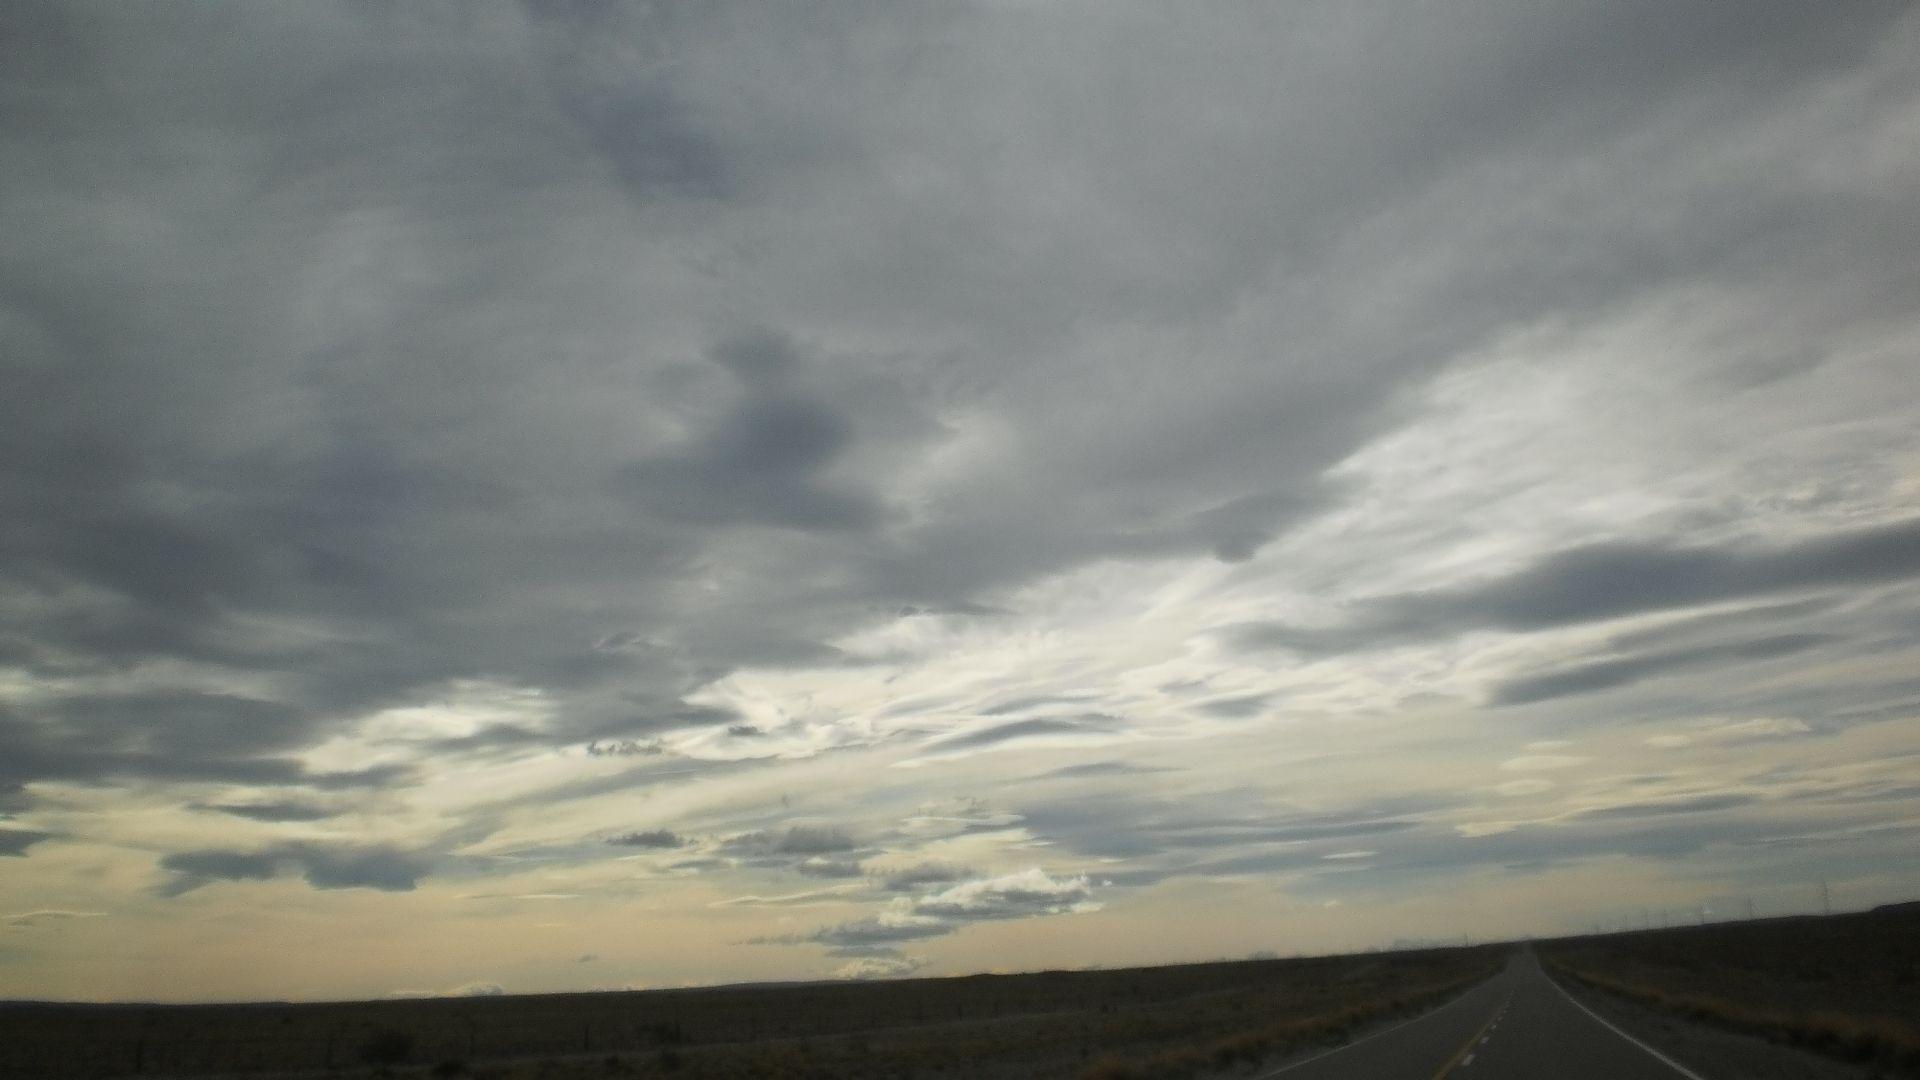 Ruta Provincial N 43 Perito Moreno Santa Cruz Nubes Cielo